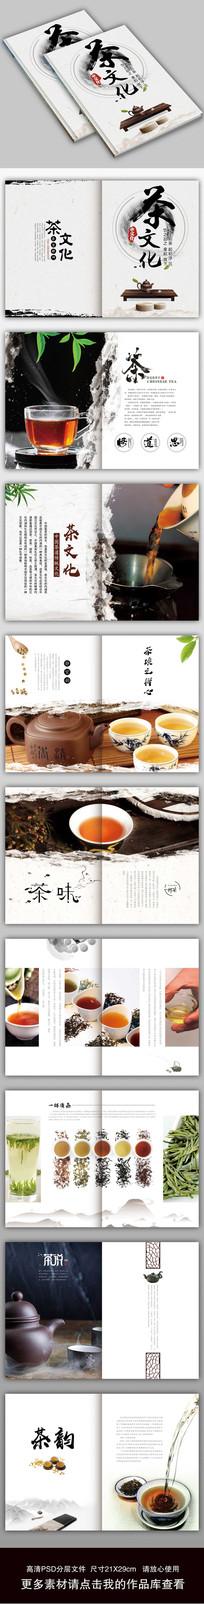 时尚中国风茶文化宣传画册